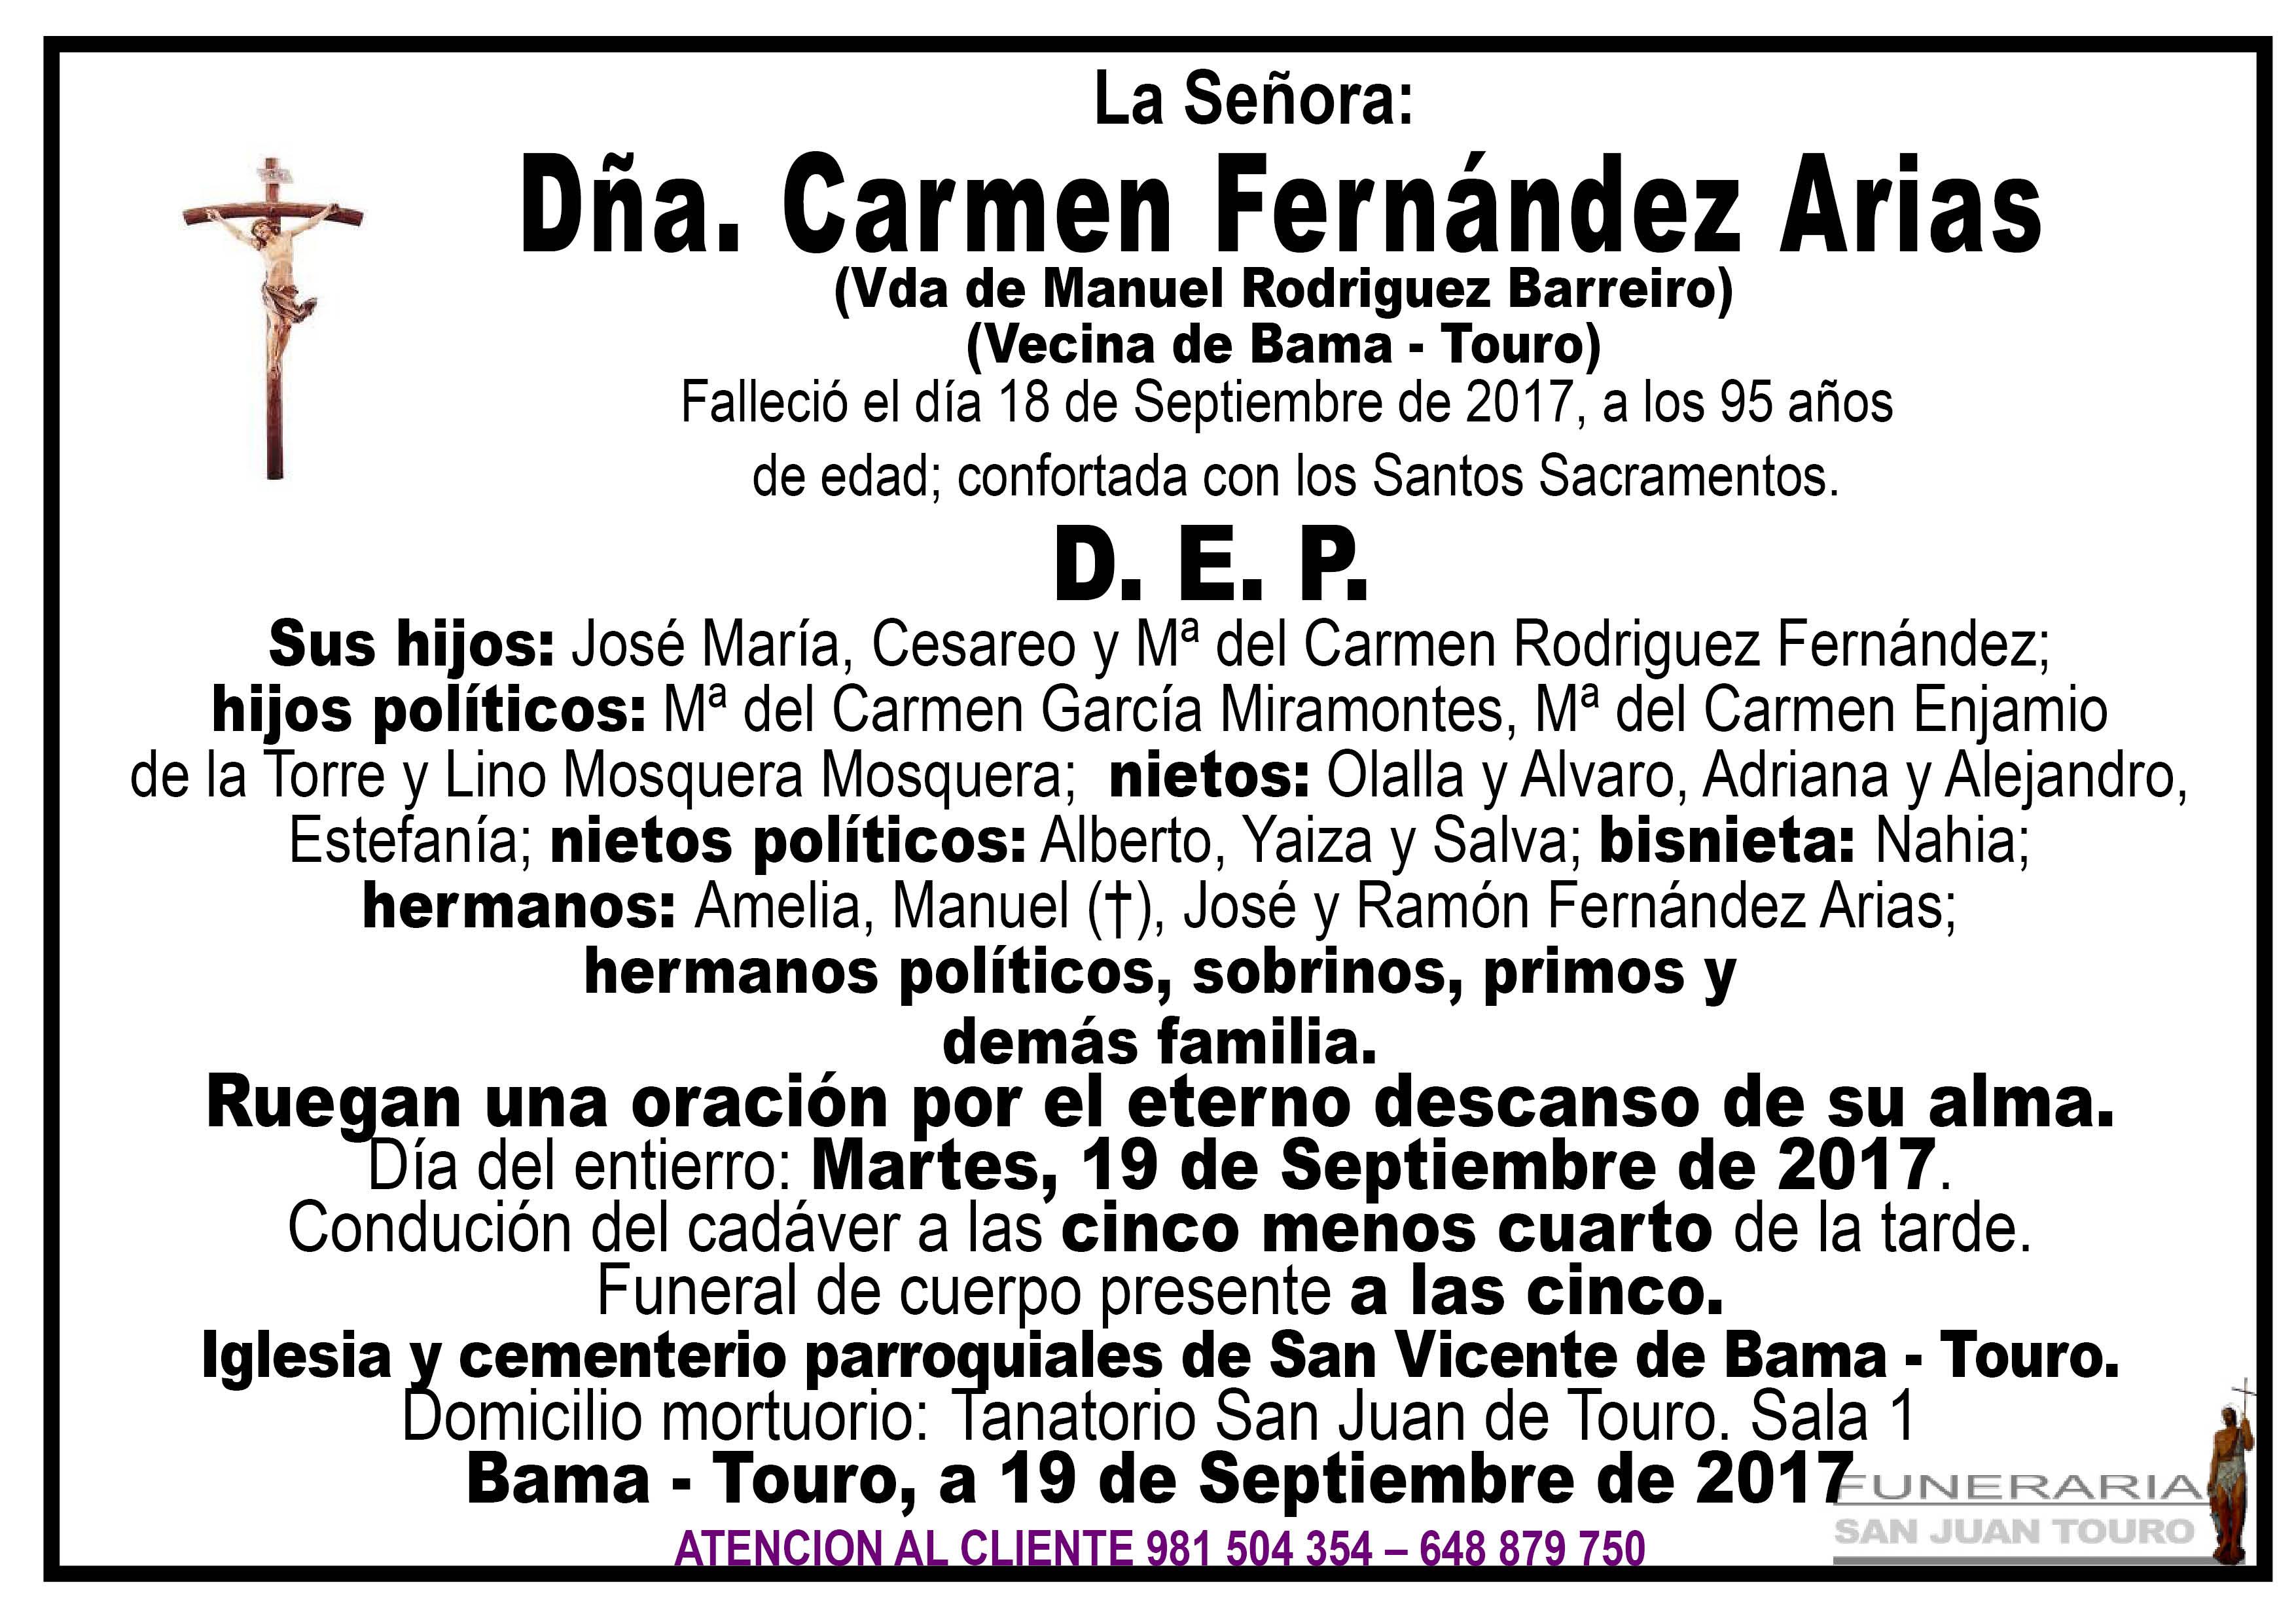 Esquela de SEPELIO DE DÑA CARMEN FERNANDEZ ARIAS